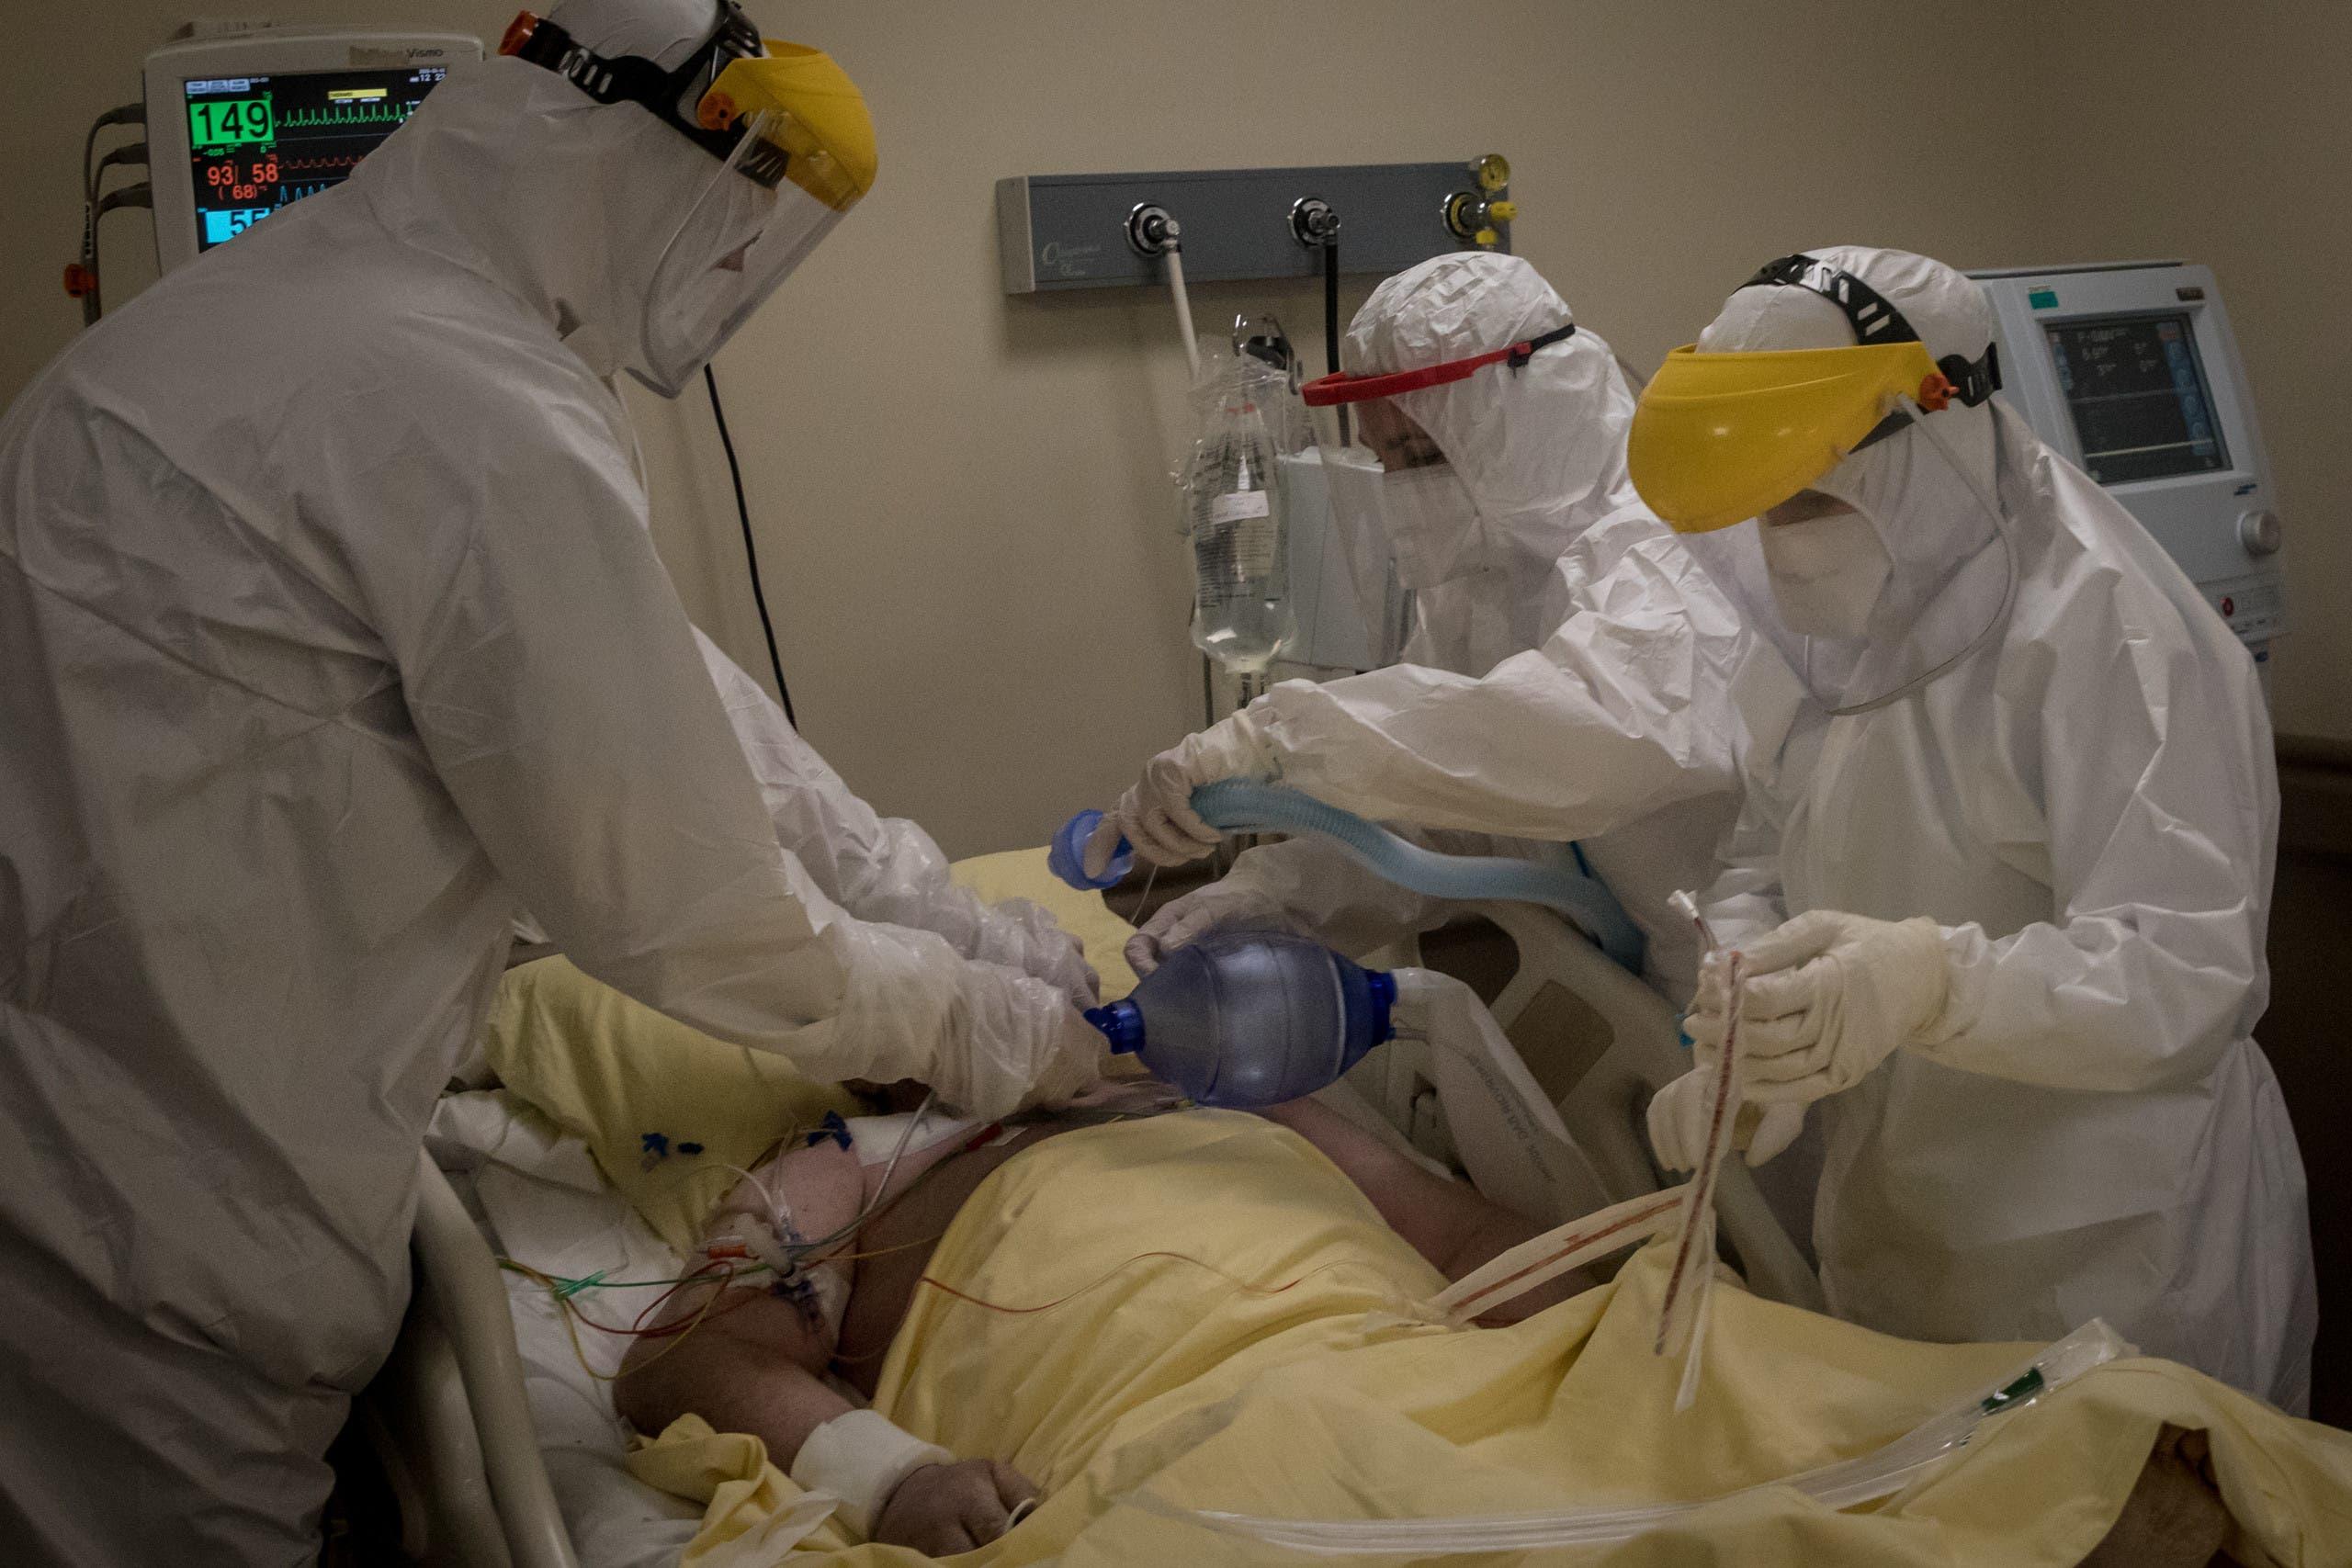 مريص في العناية المركزة بعد إصابته بكورونا في أحد مستشفيات اسطنبول